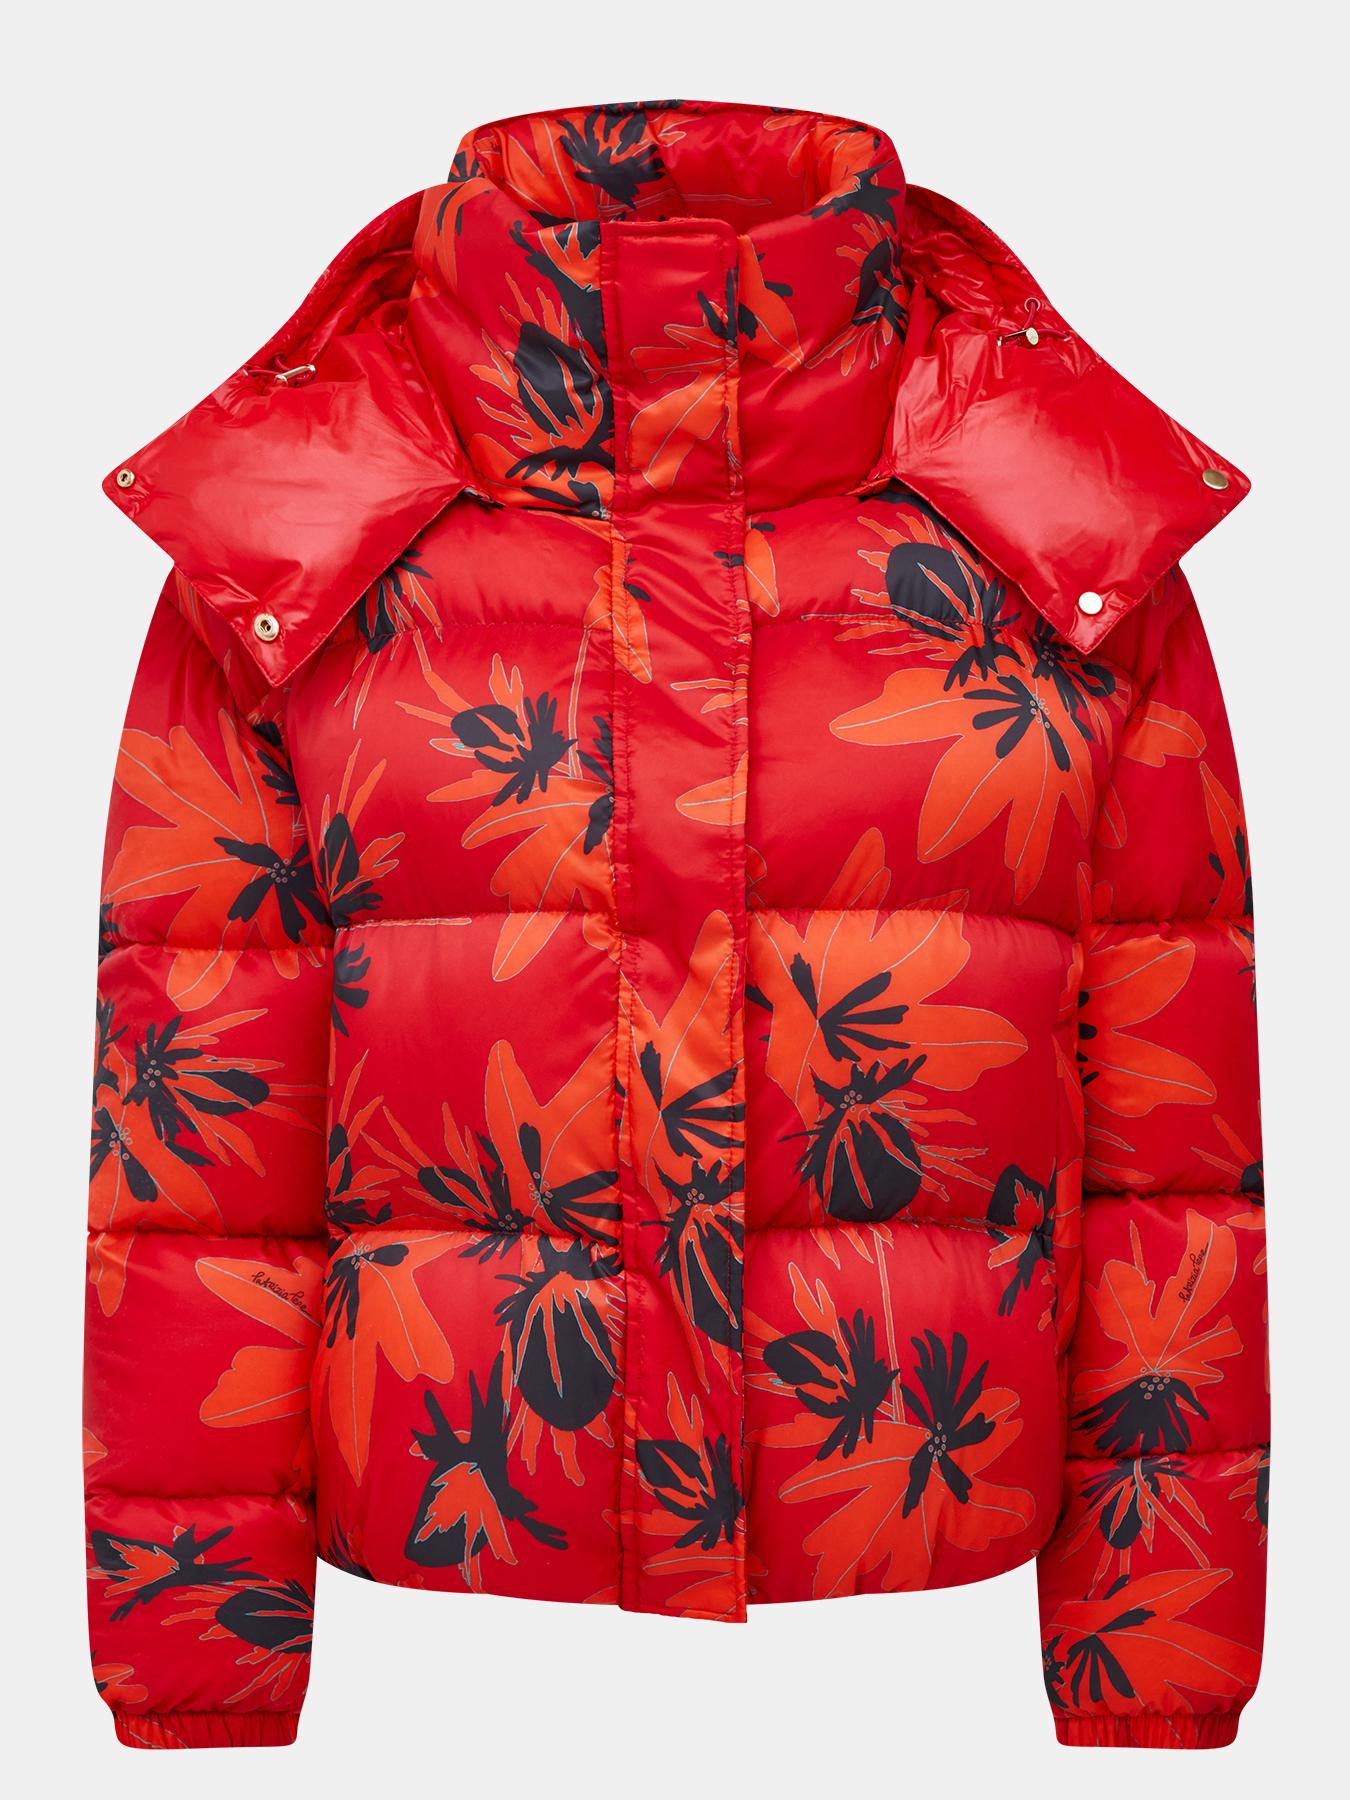 Фото - Куртки Patrizia Pepe Куртка patrizia pepe куртка